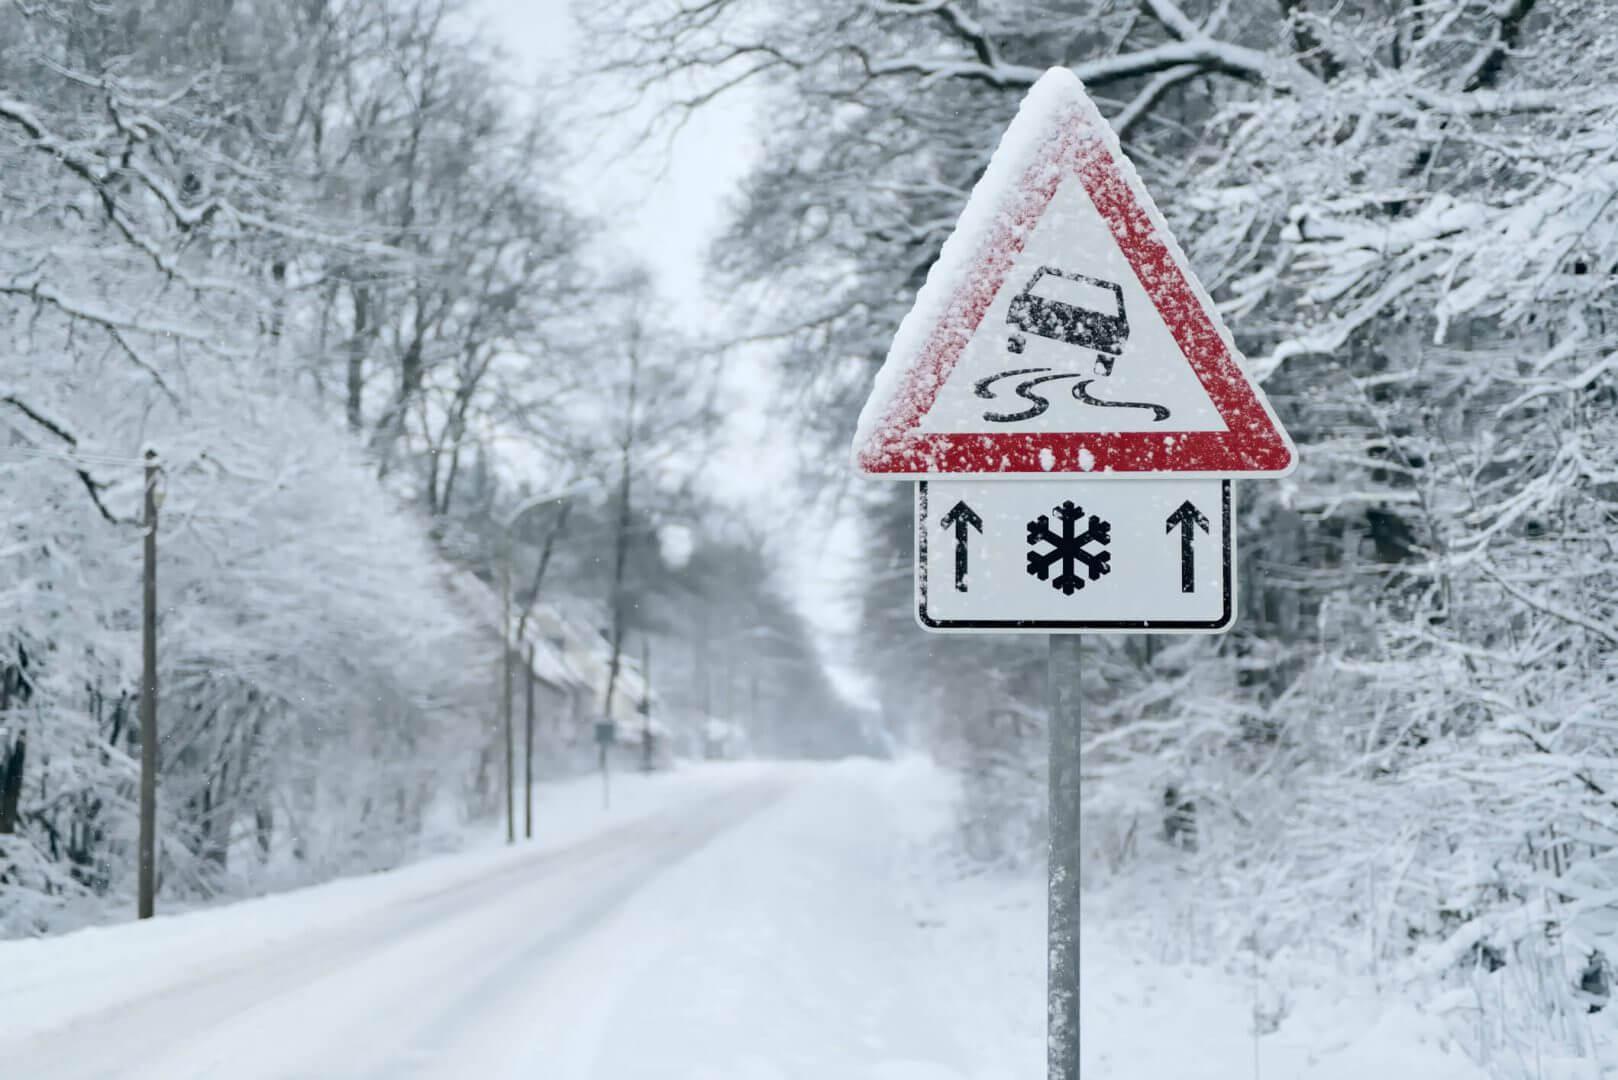 Warunki na drodze, a ubezpieczenie – kiedy przysługuje Ci naprawa szkód?